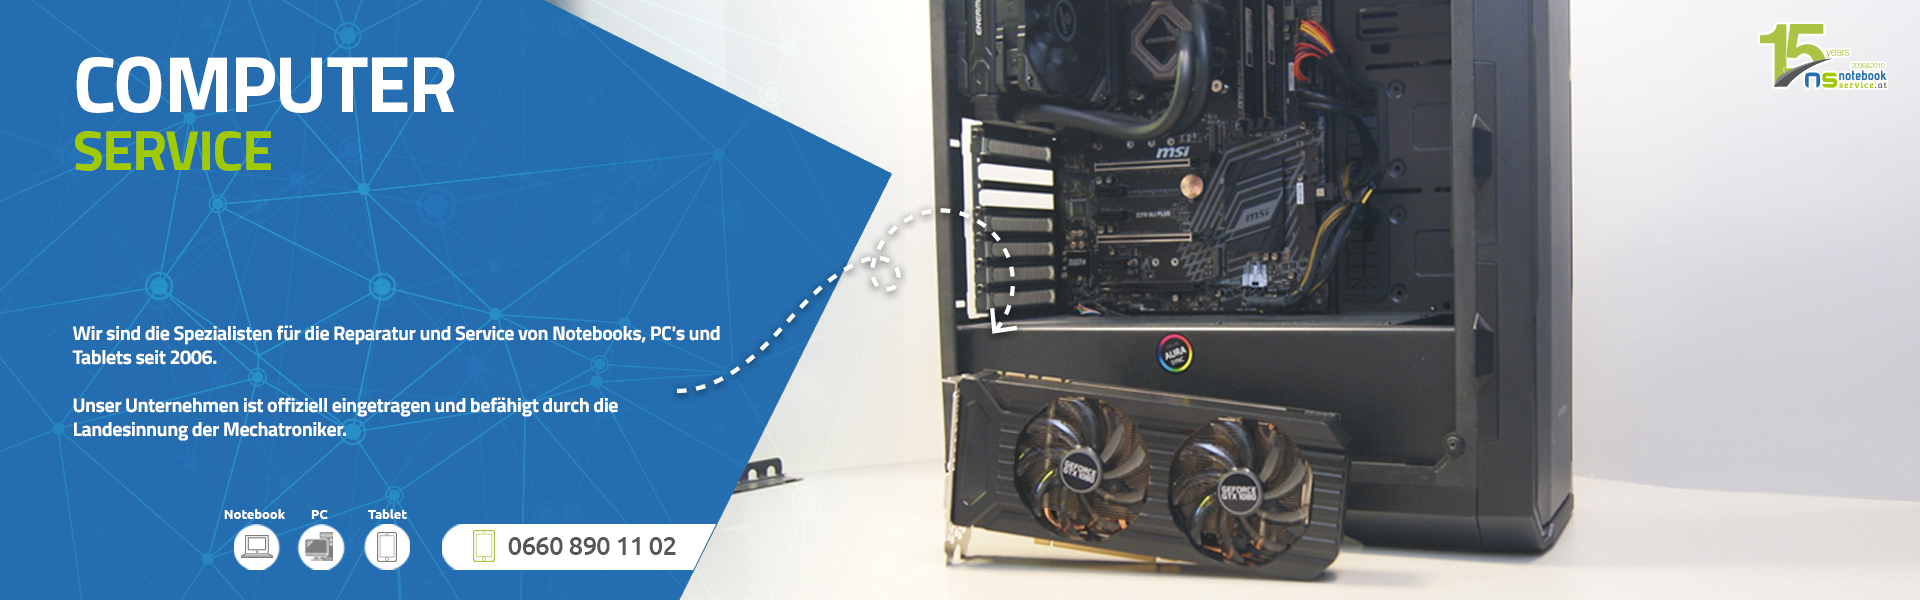 Computer und PC Service bei Notebook Service Wien